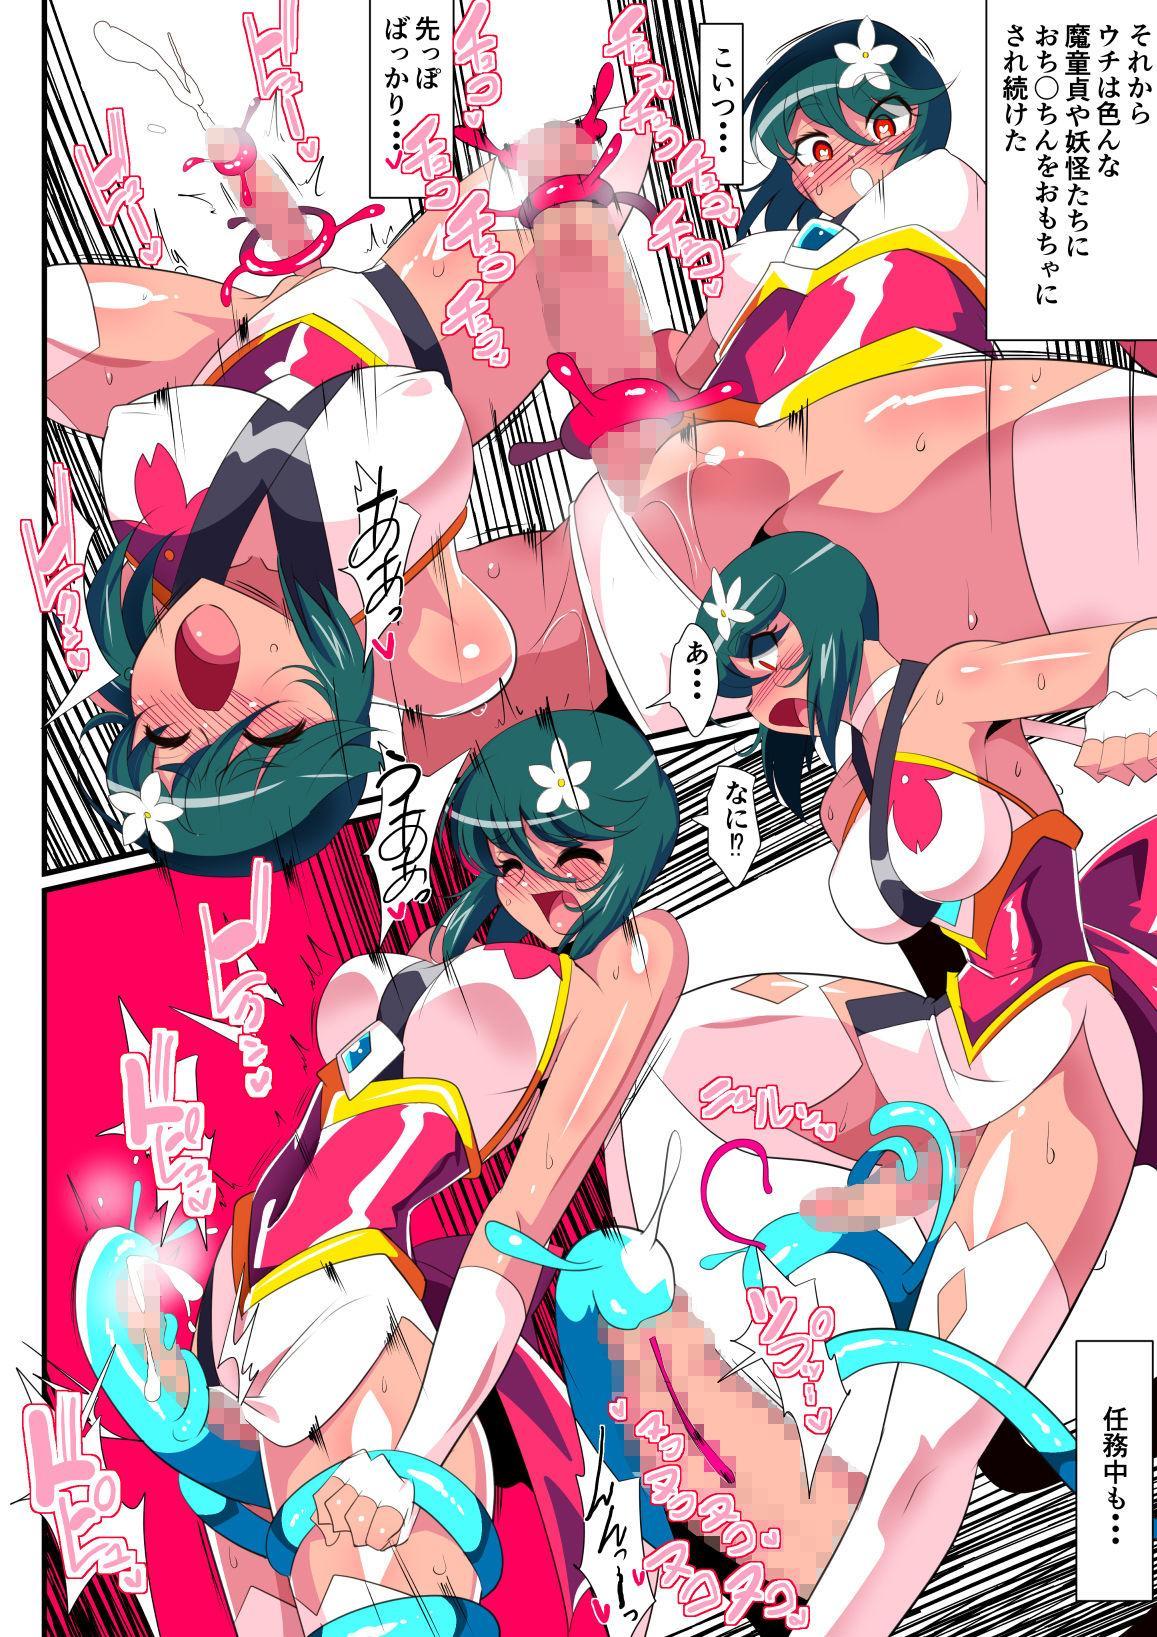 Taimadouteishi Midori Ero 03 JK Taimashi VS Futanari Choukyoushi! 9